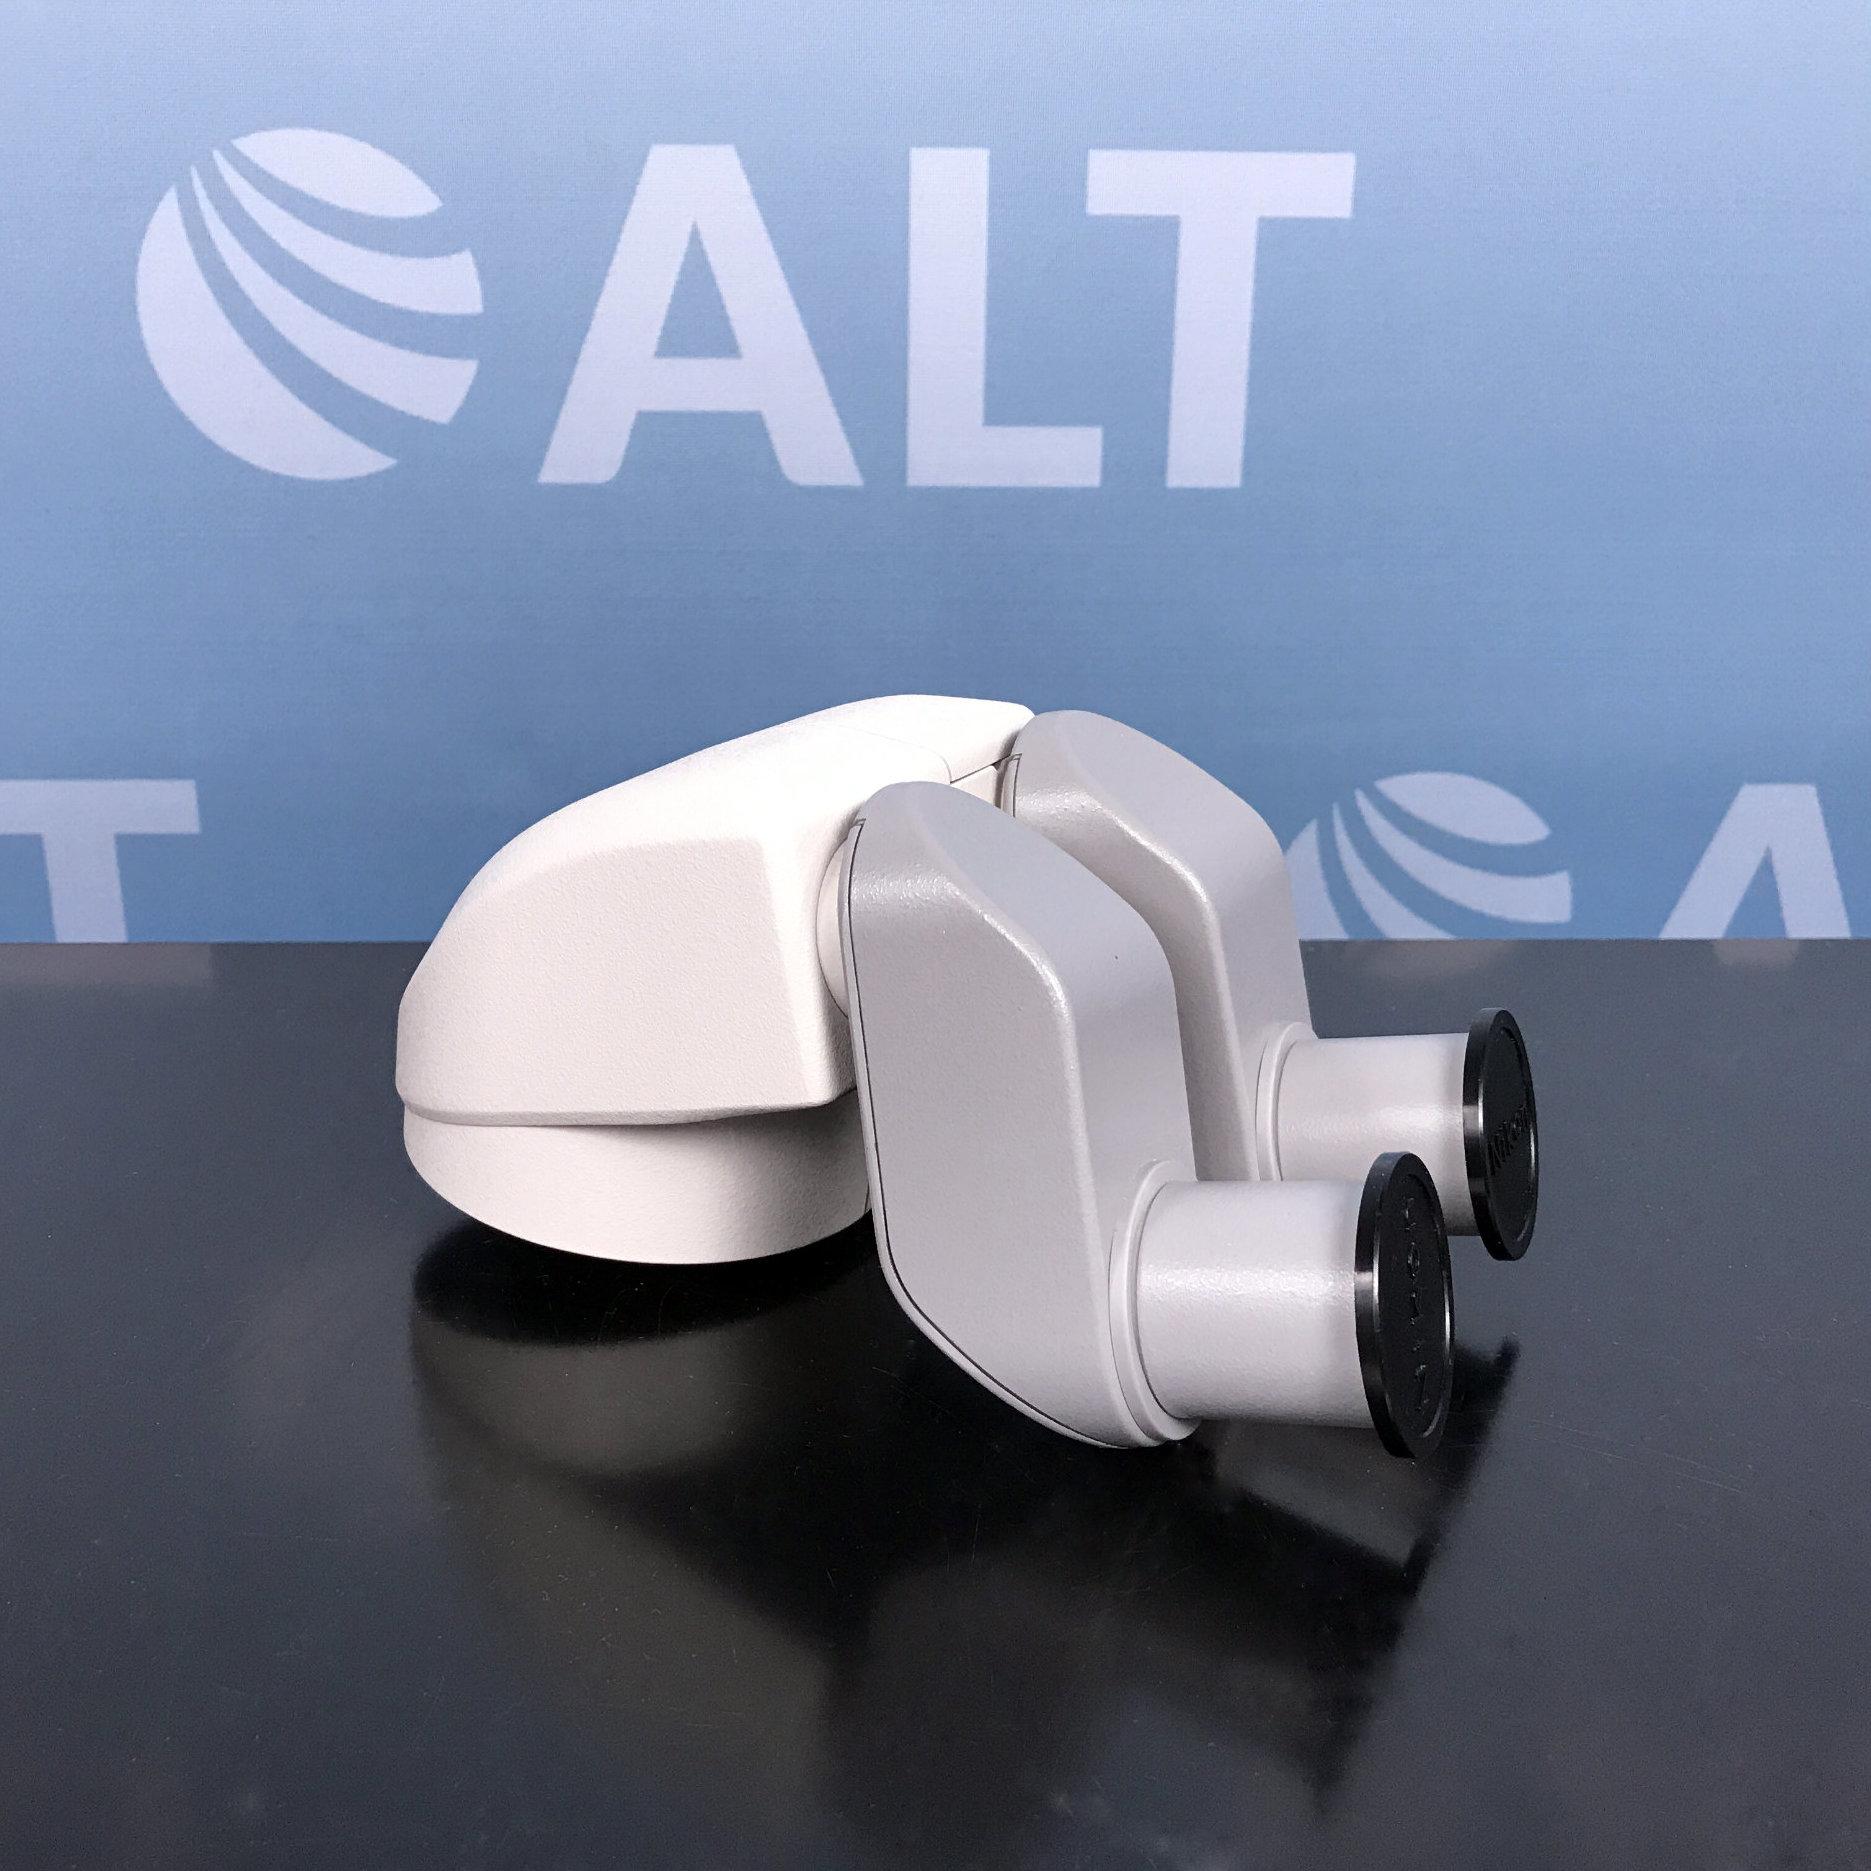 Nikon P-BTL Low Level Binocular Eyepiece Tube Image